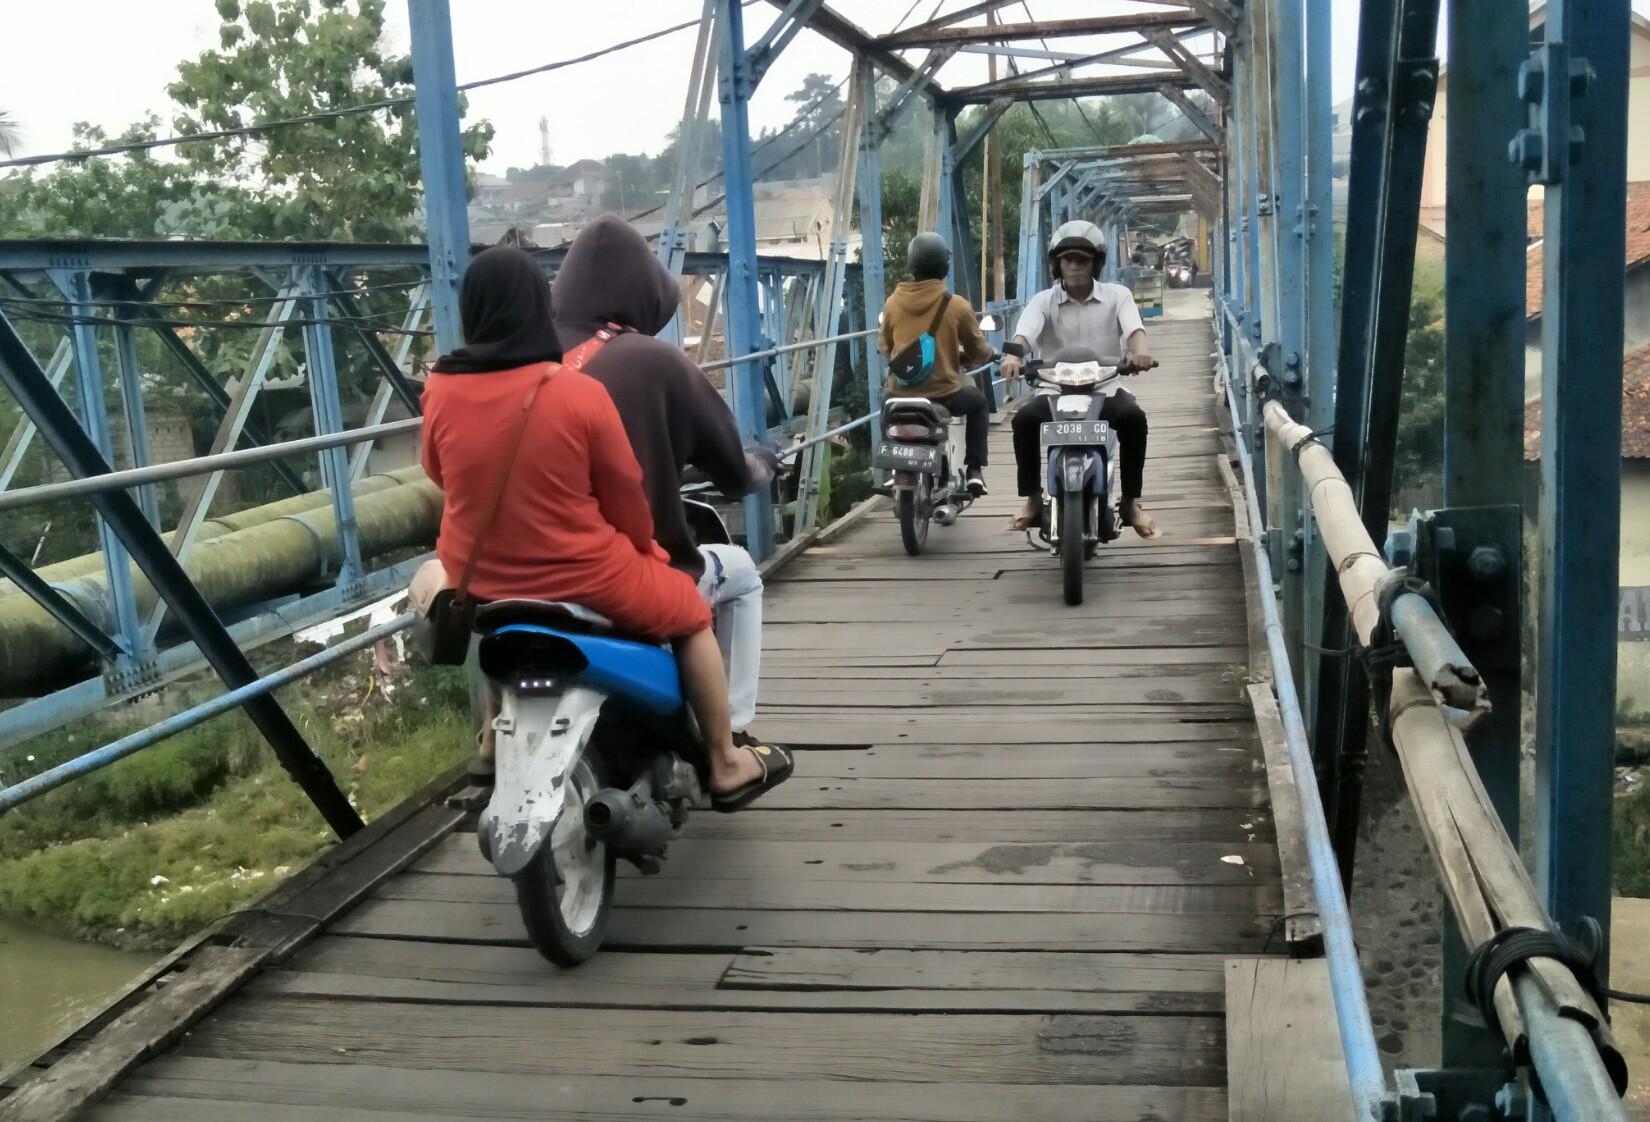 Pengendara motor melintasi jembatan yang menghubungkan Kelurahan Gunung Batu dan Kebon Kelapa.